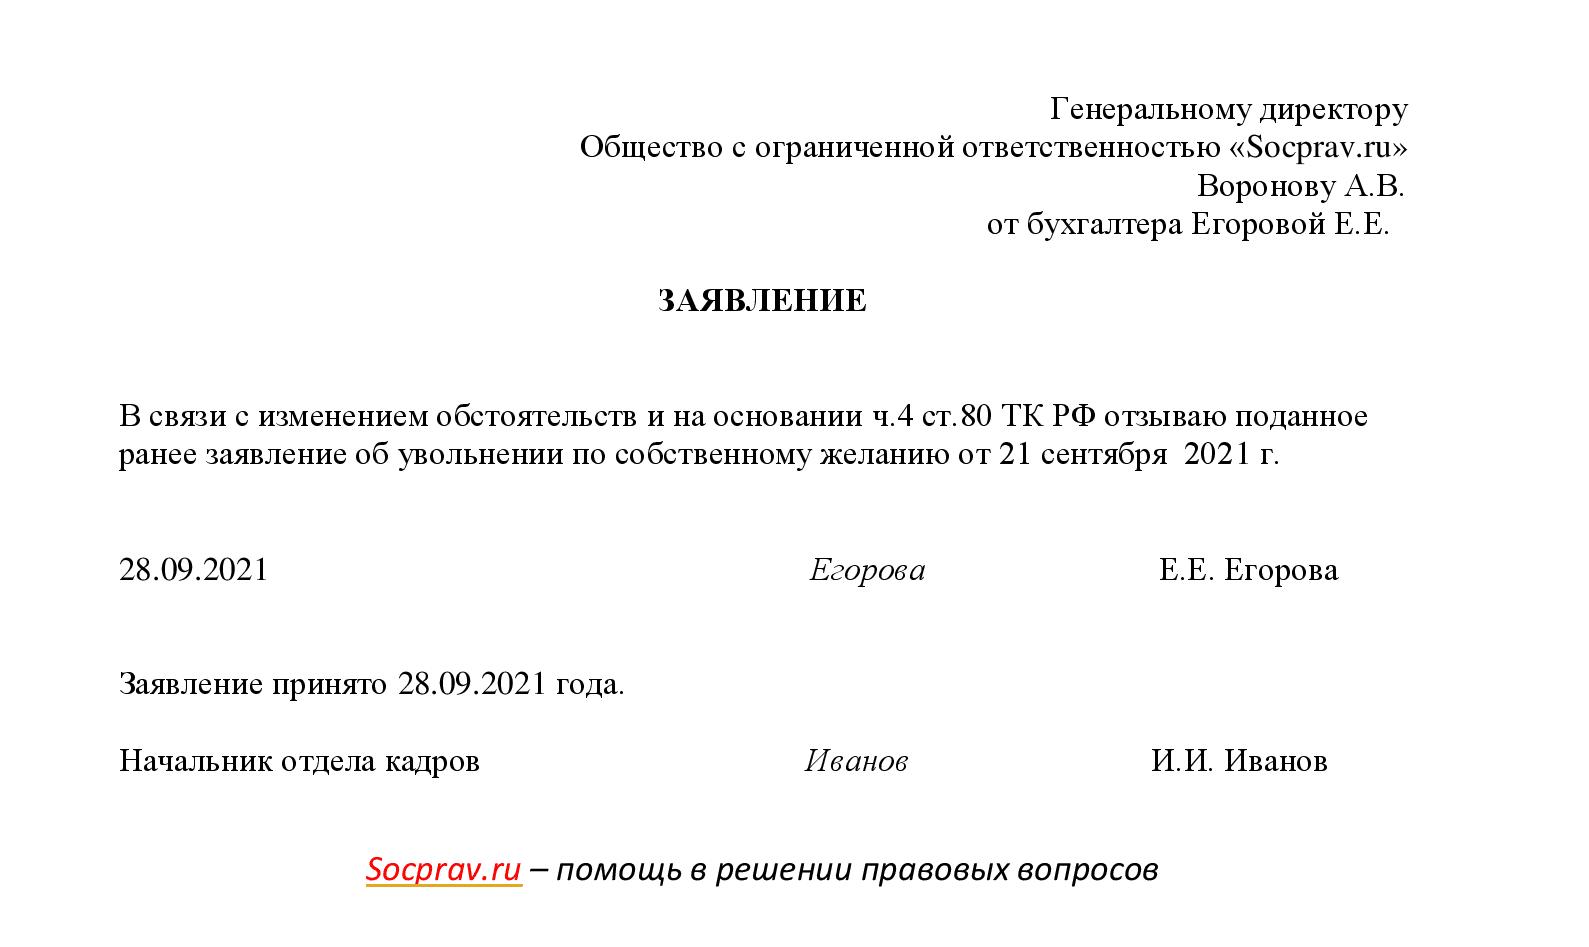 Заявление об отзыве заявления об увольнении